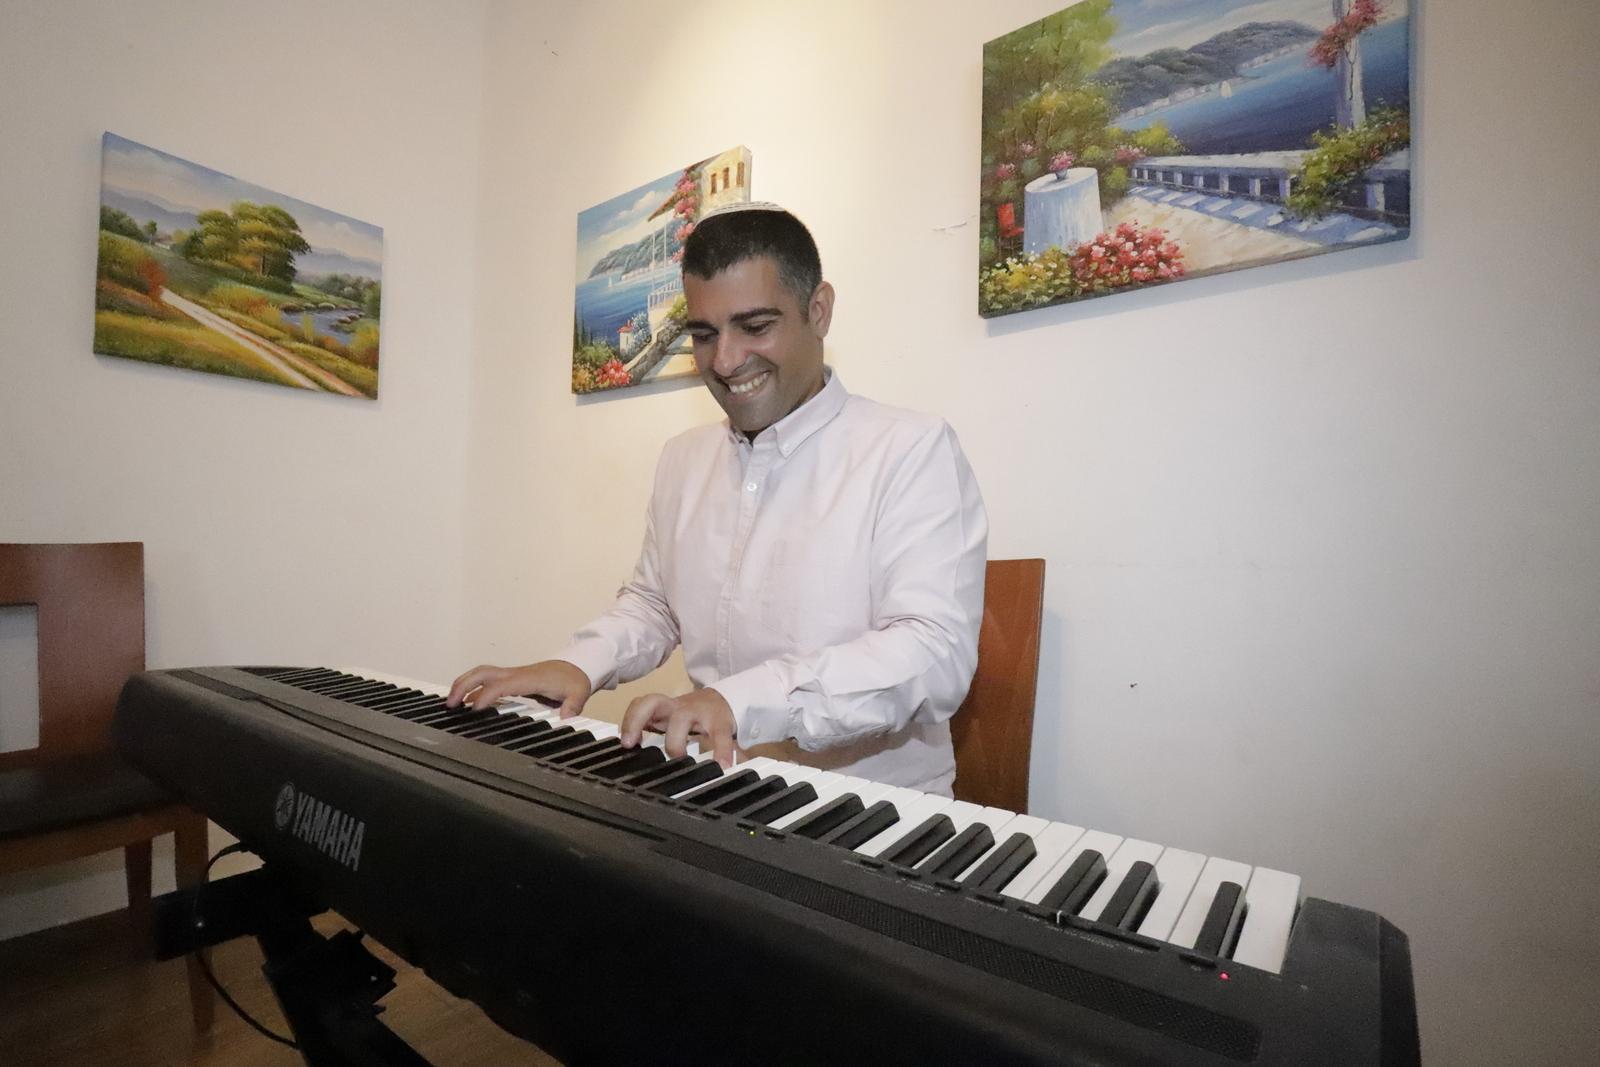 רפי ביטון בחזרות בסטודיו בגבעת שמואל. צילום: איתן אלחדז ברק